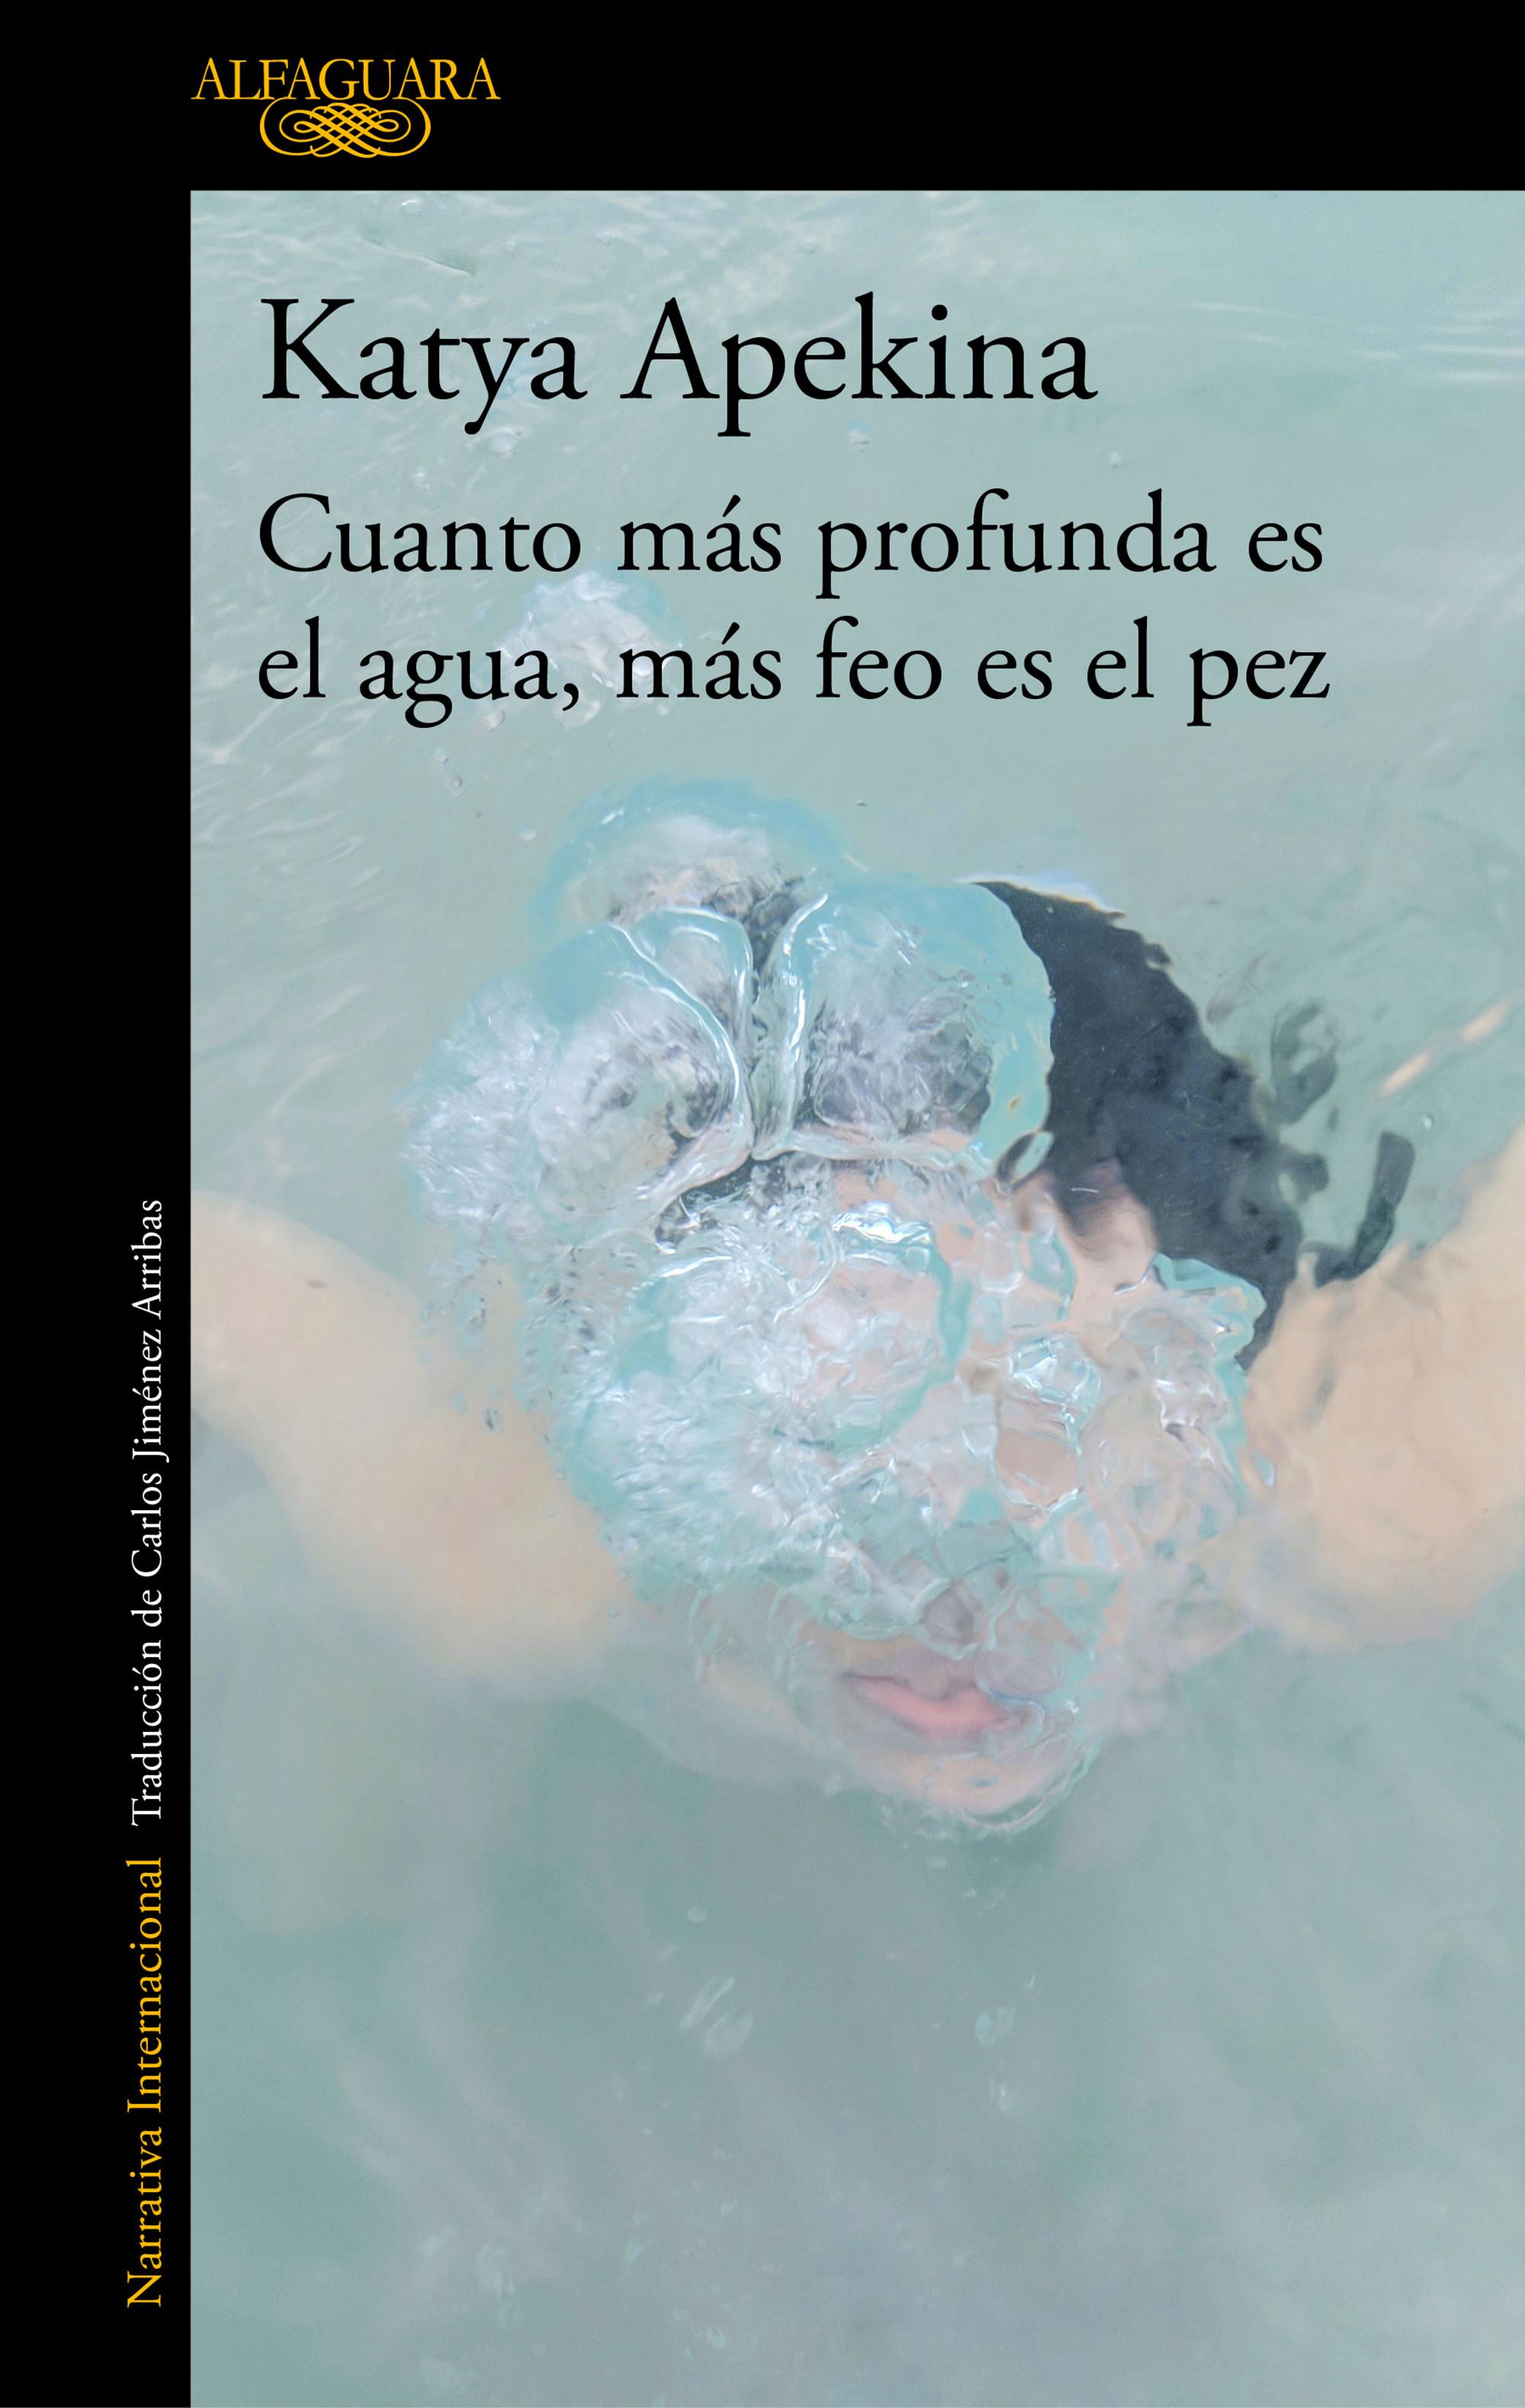 Cuanto más profunda es el agua, más feo es el pez